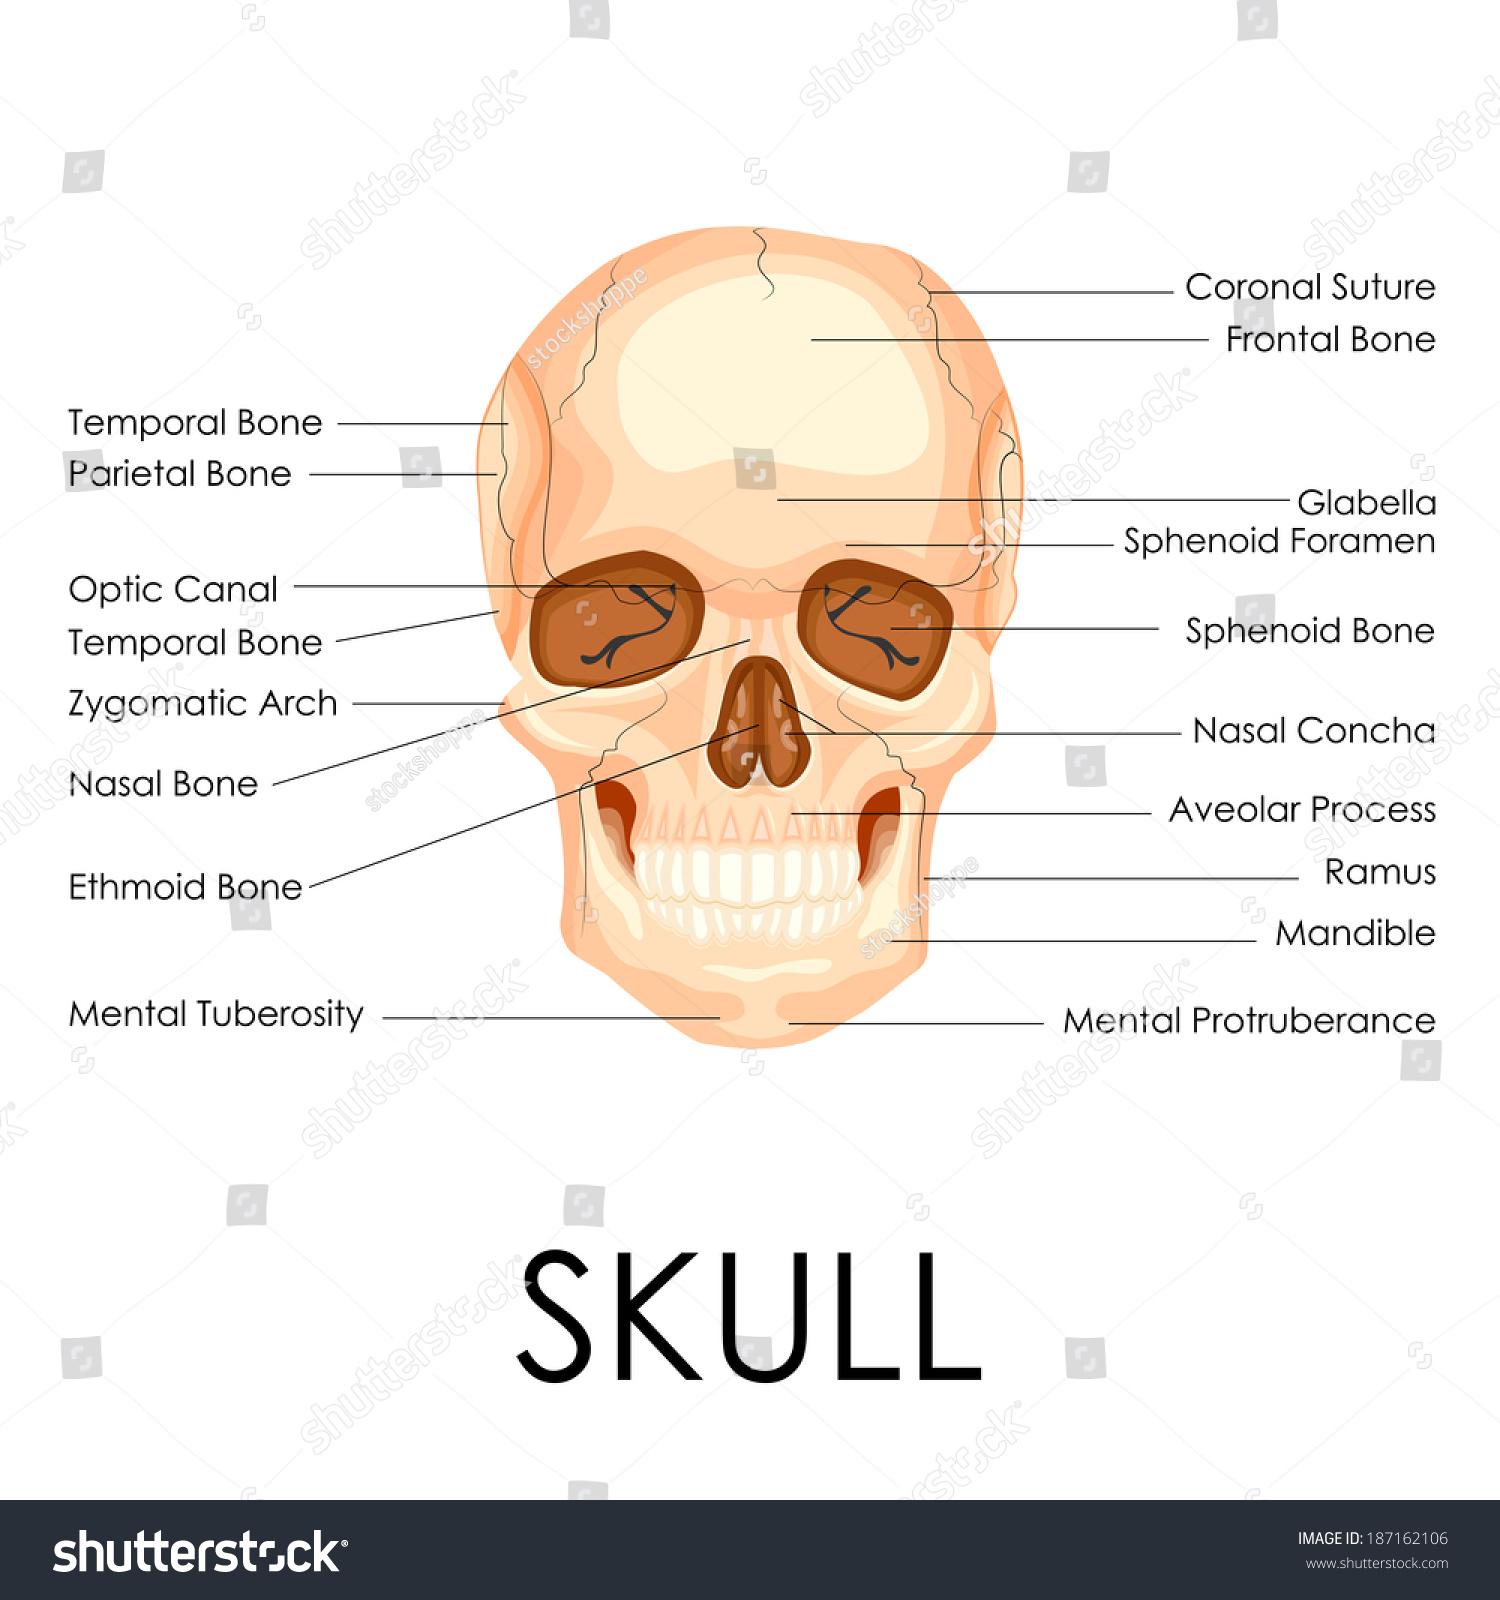 Vector Illustration Diagram Human Skull Stock Vector 187162106 ...